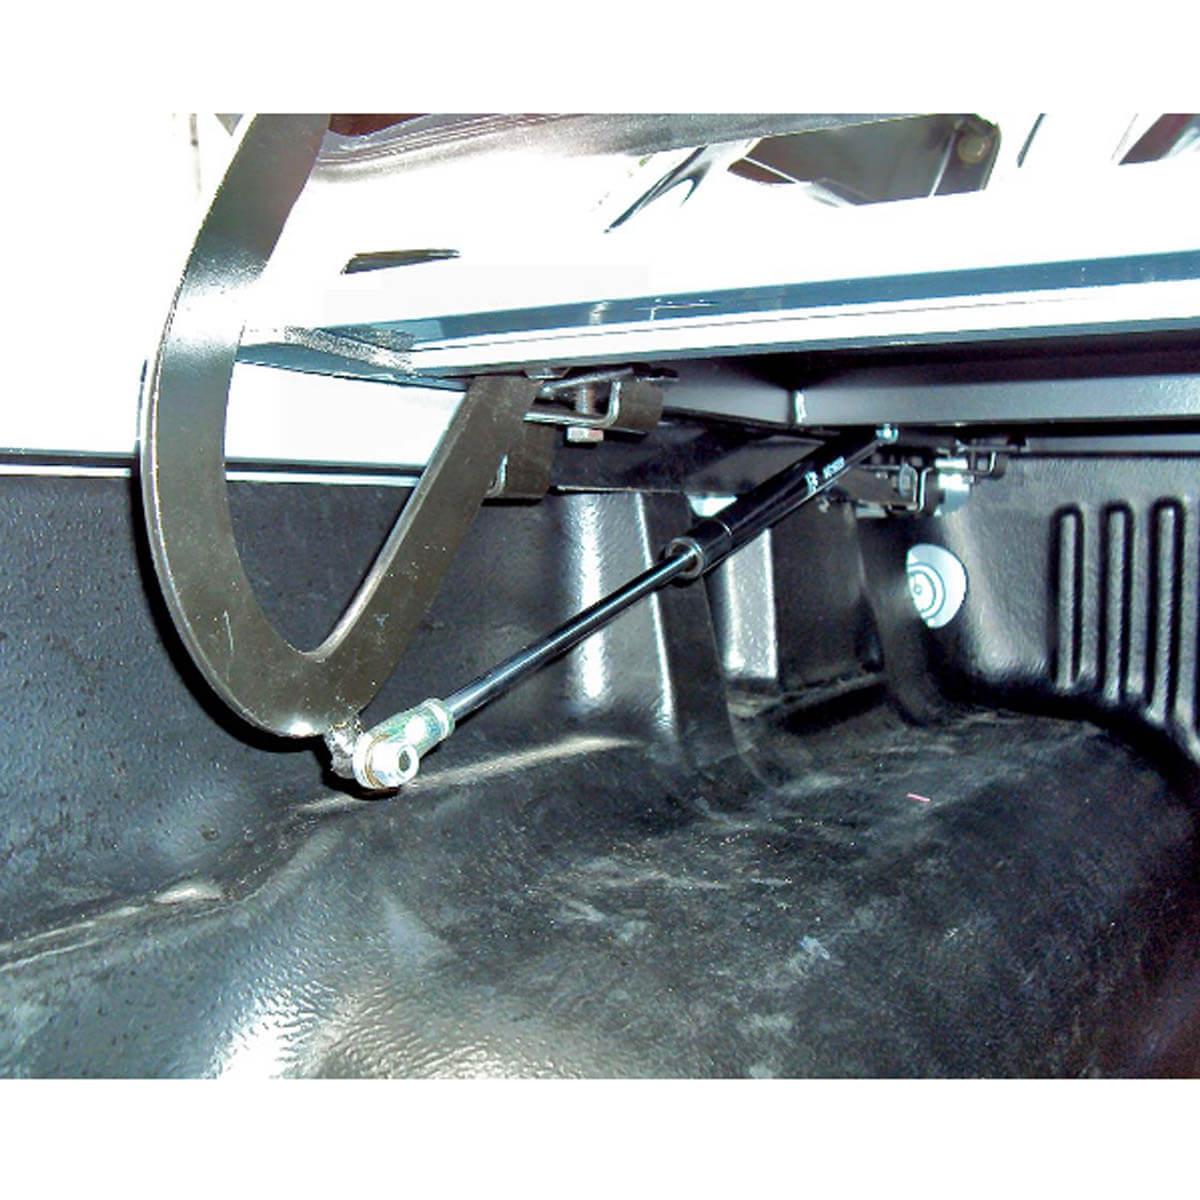 Tampão de aço capota elétrica Nova Ranger cabine dupla 2013 a 2018 XLS